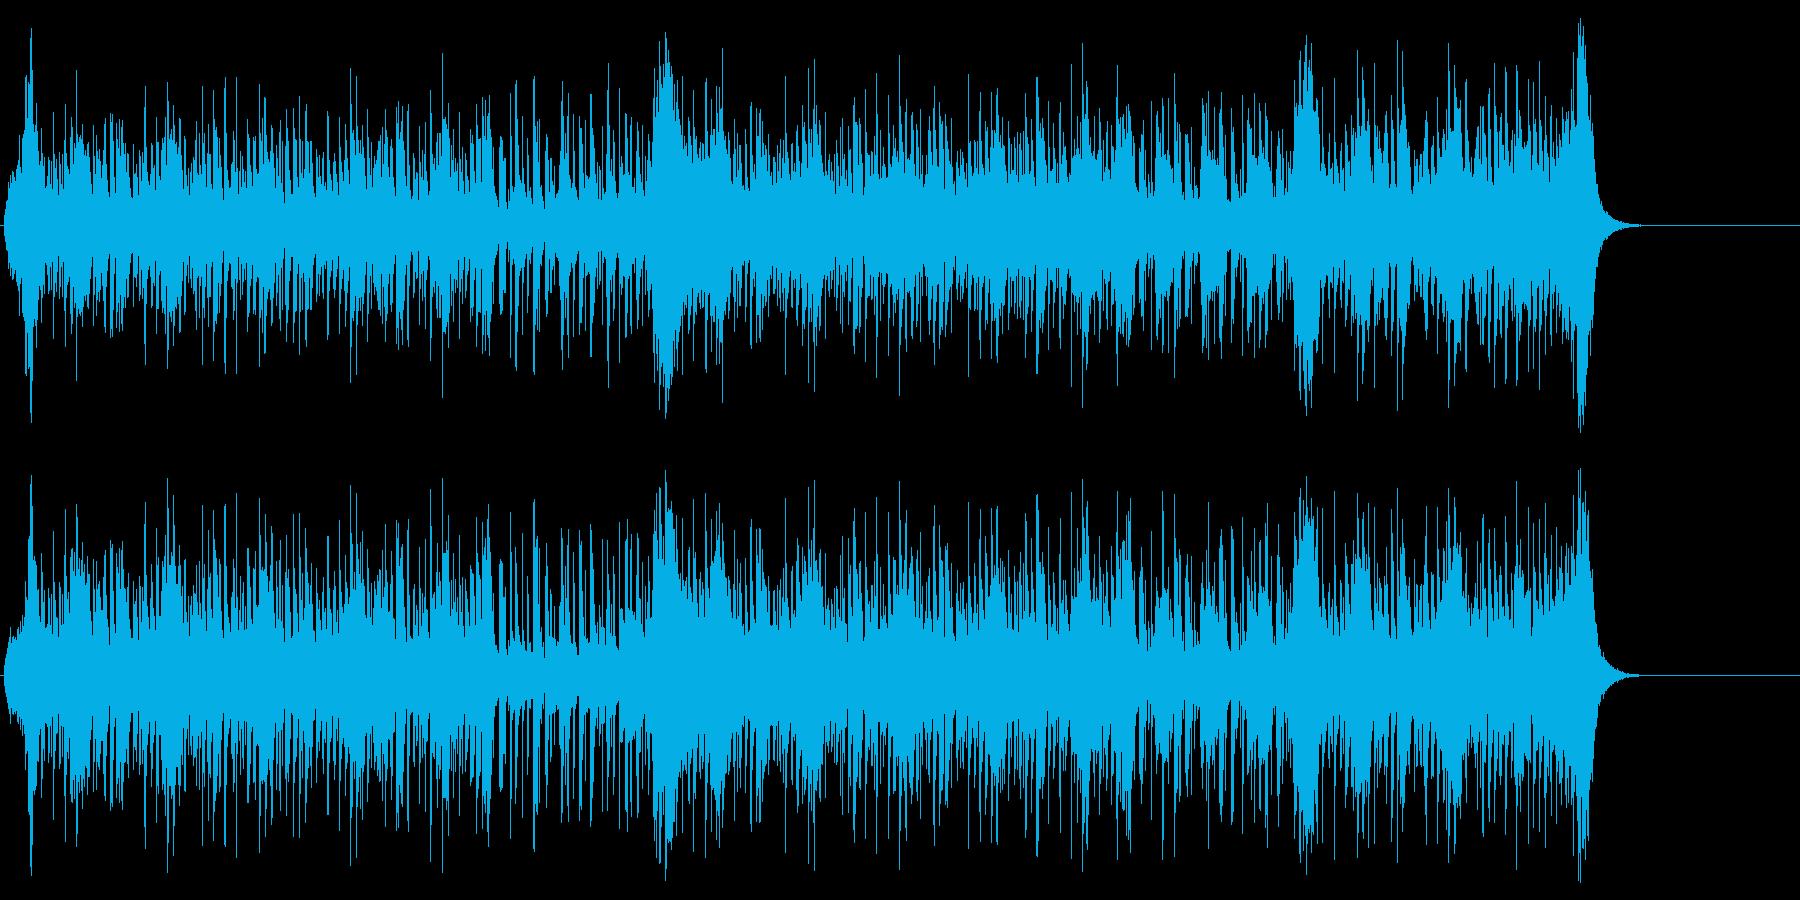 スイング・ジャズ風ポップ/BGの再生済みの波形